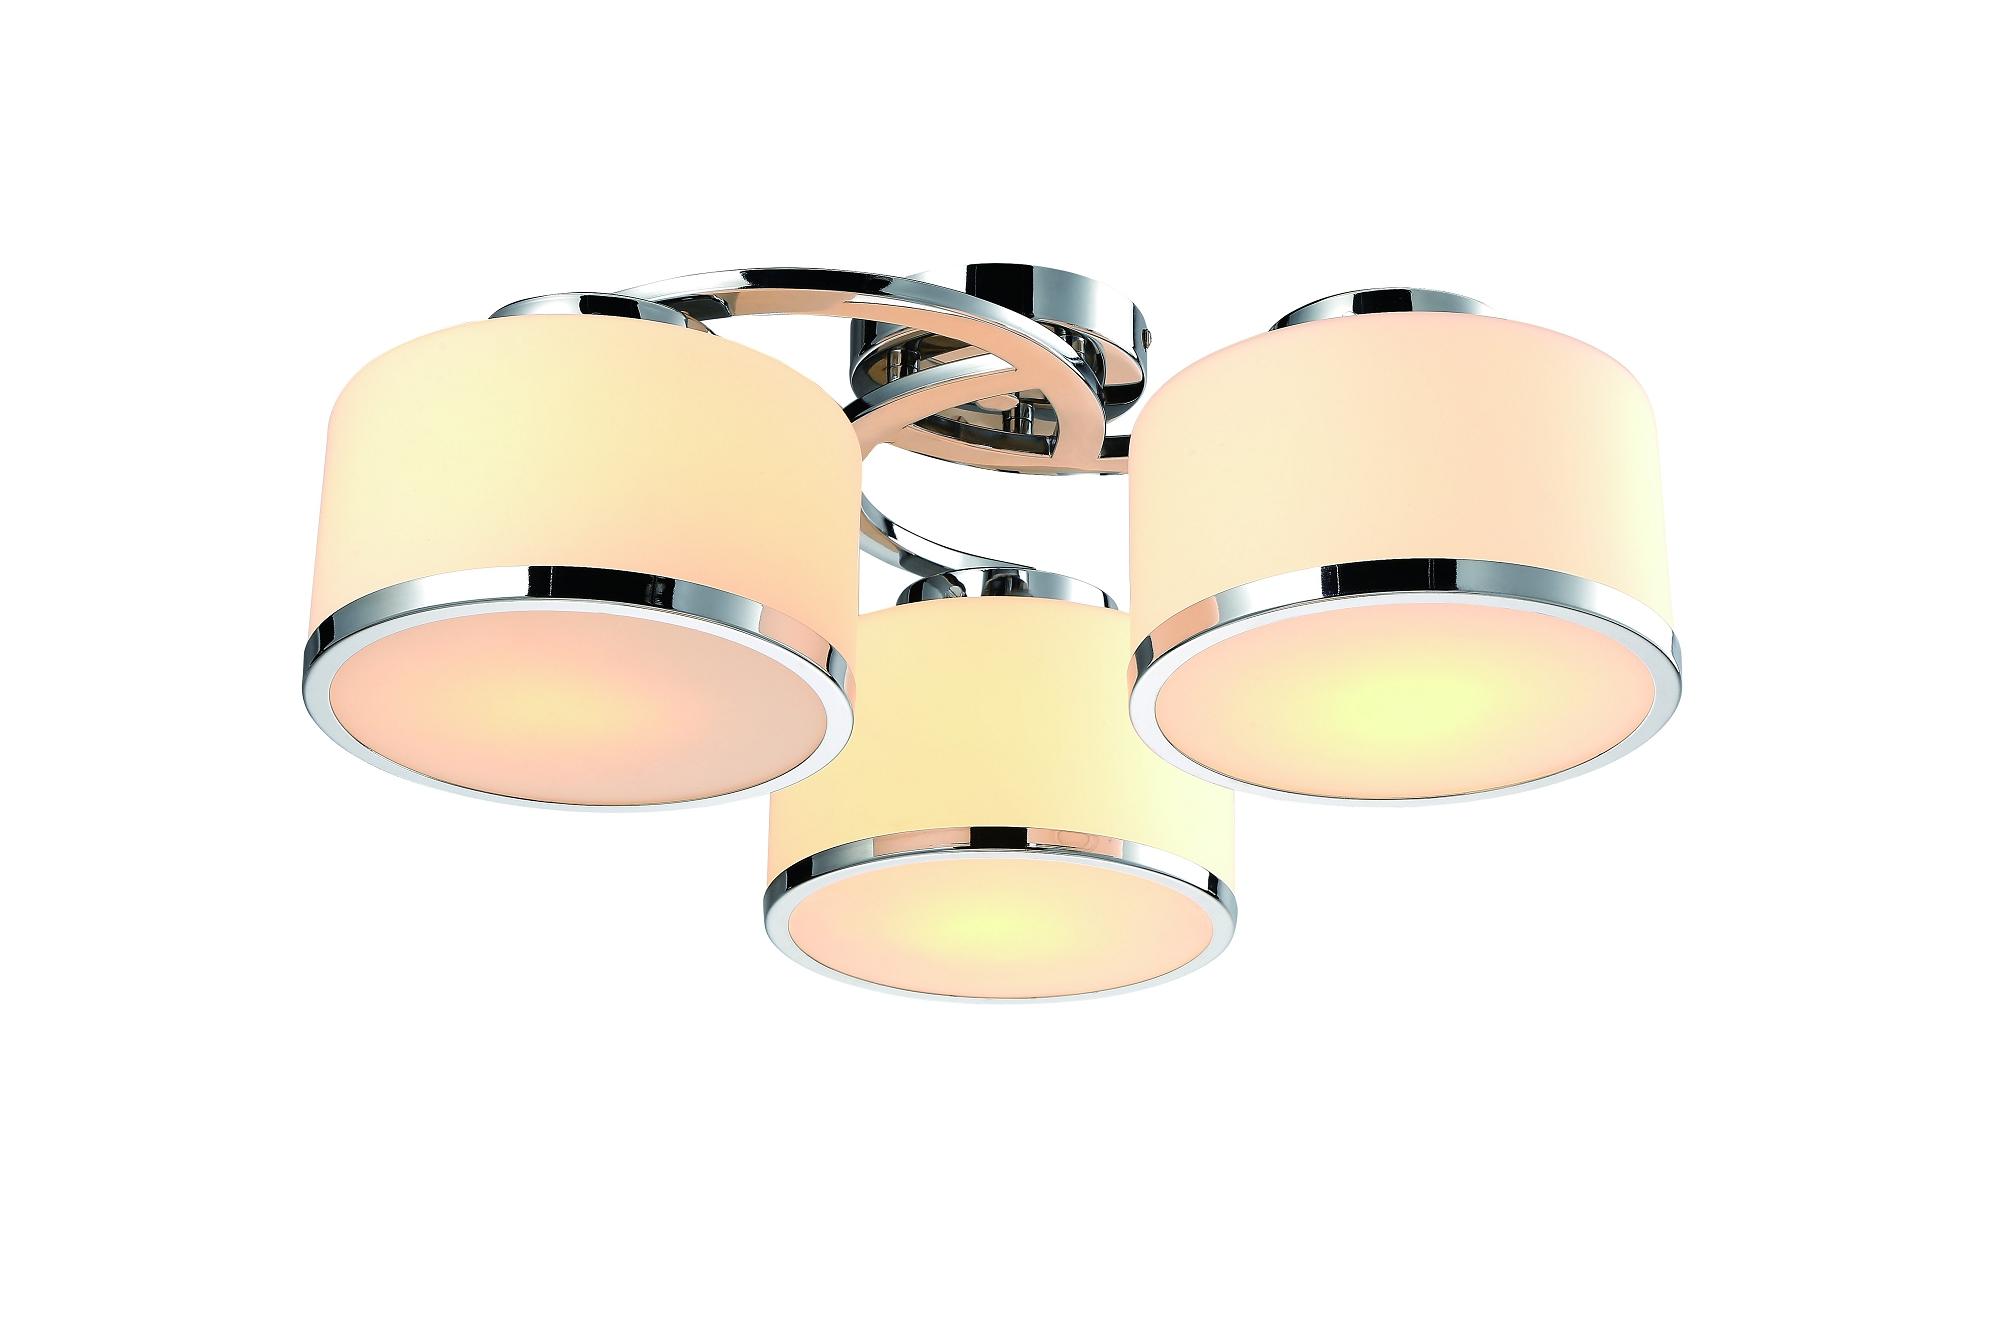 Фото товара A9495PL-3CC Arte Lamp